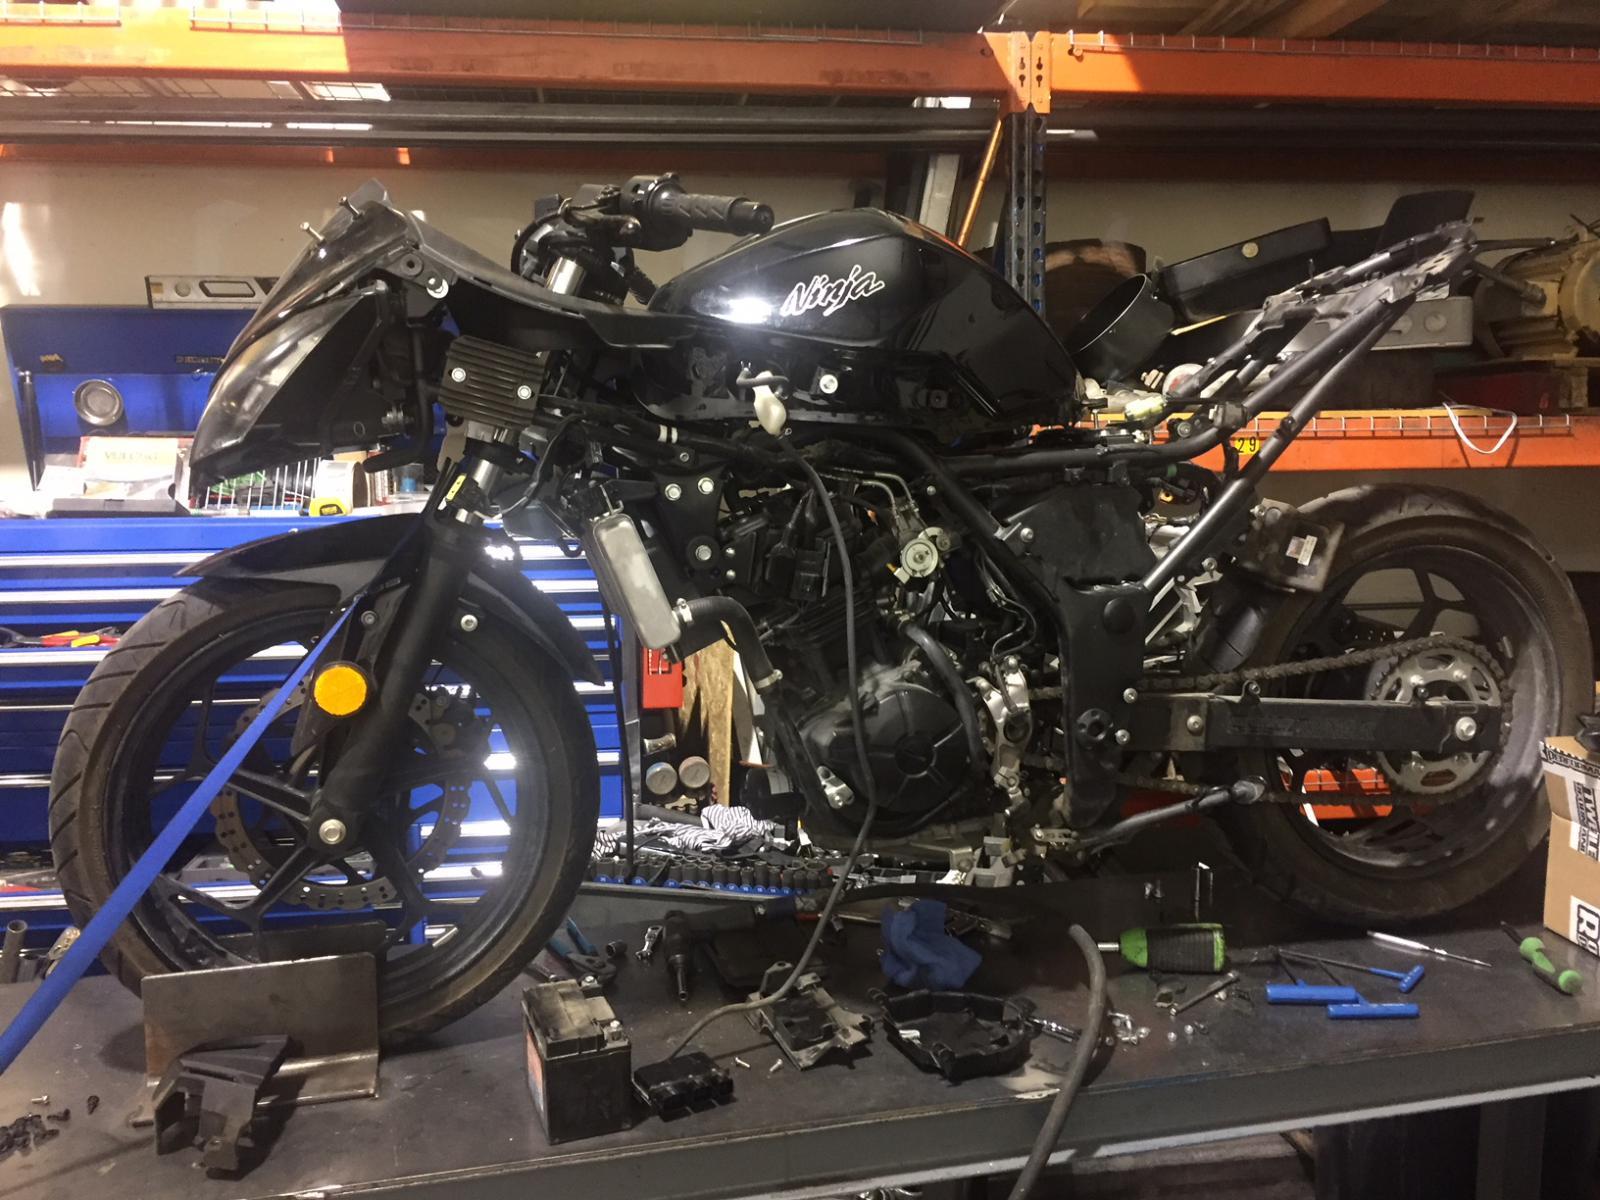 300 engine swap project!!! - Kawasaki Z125 Forum